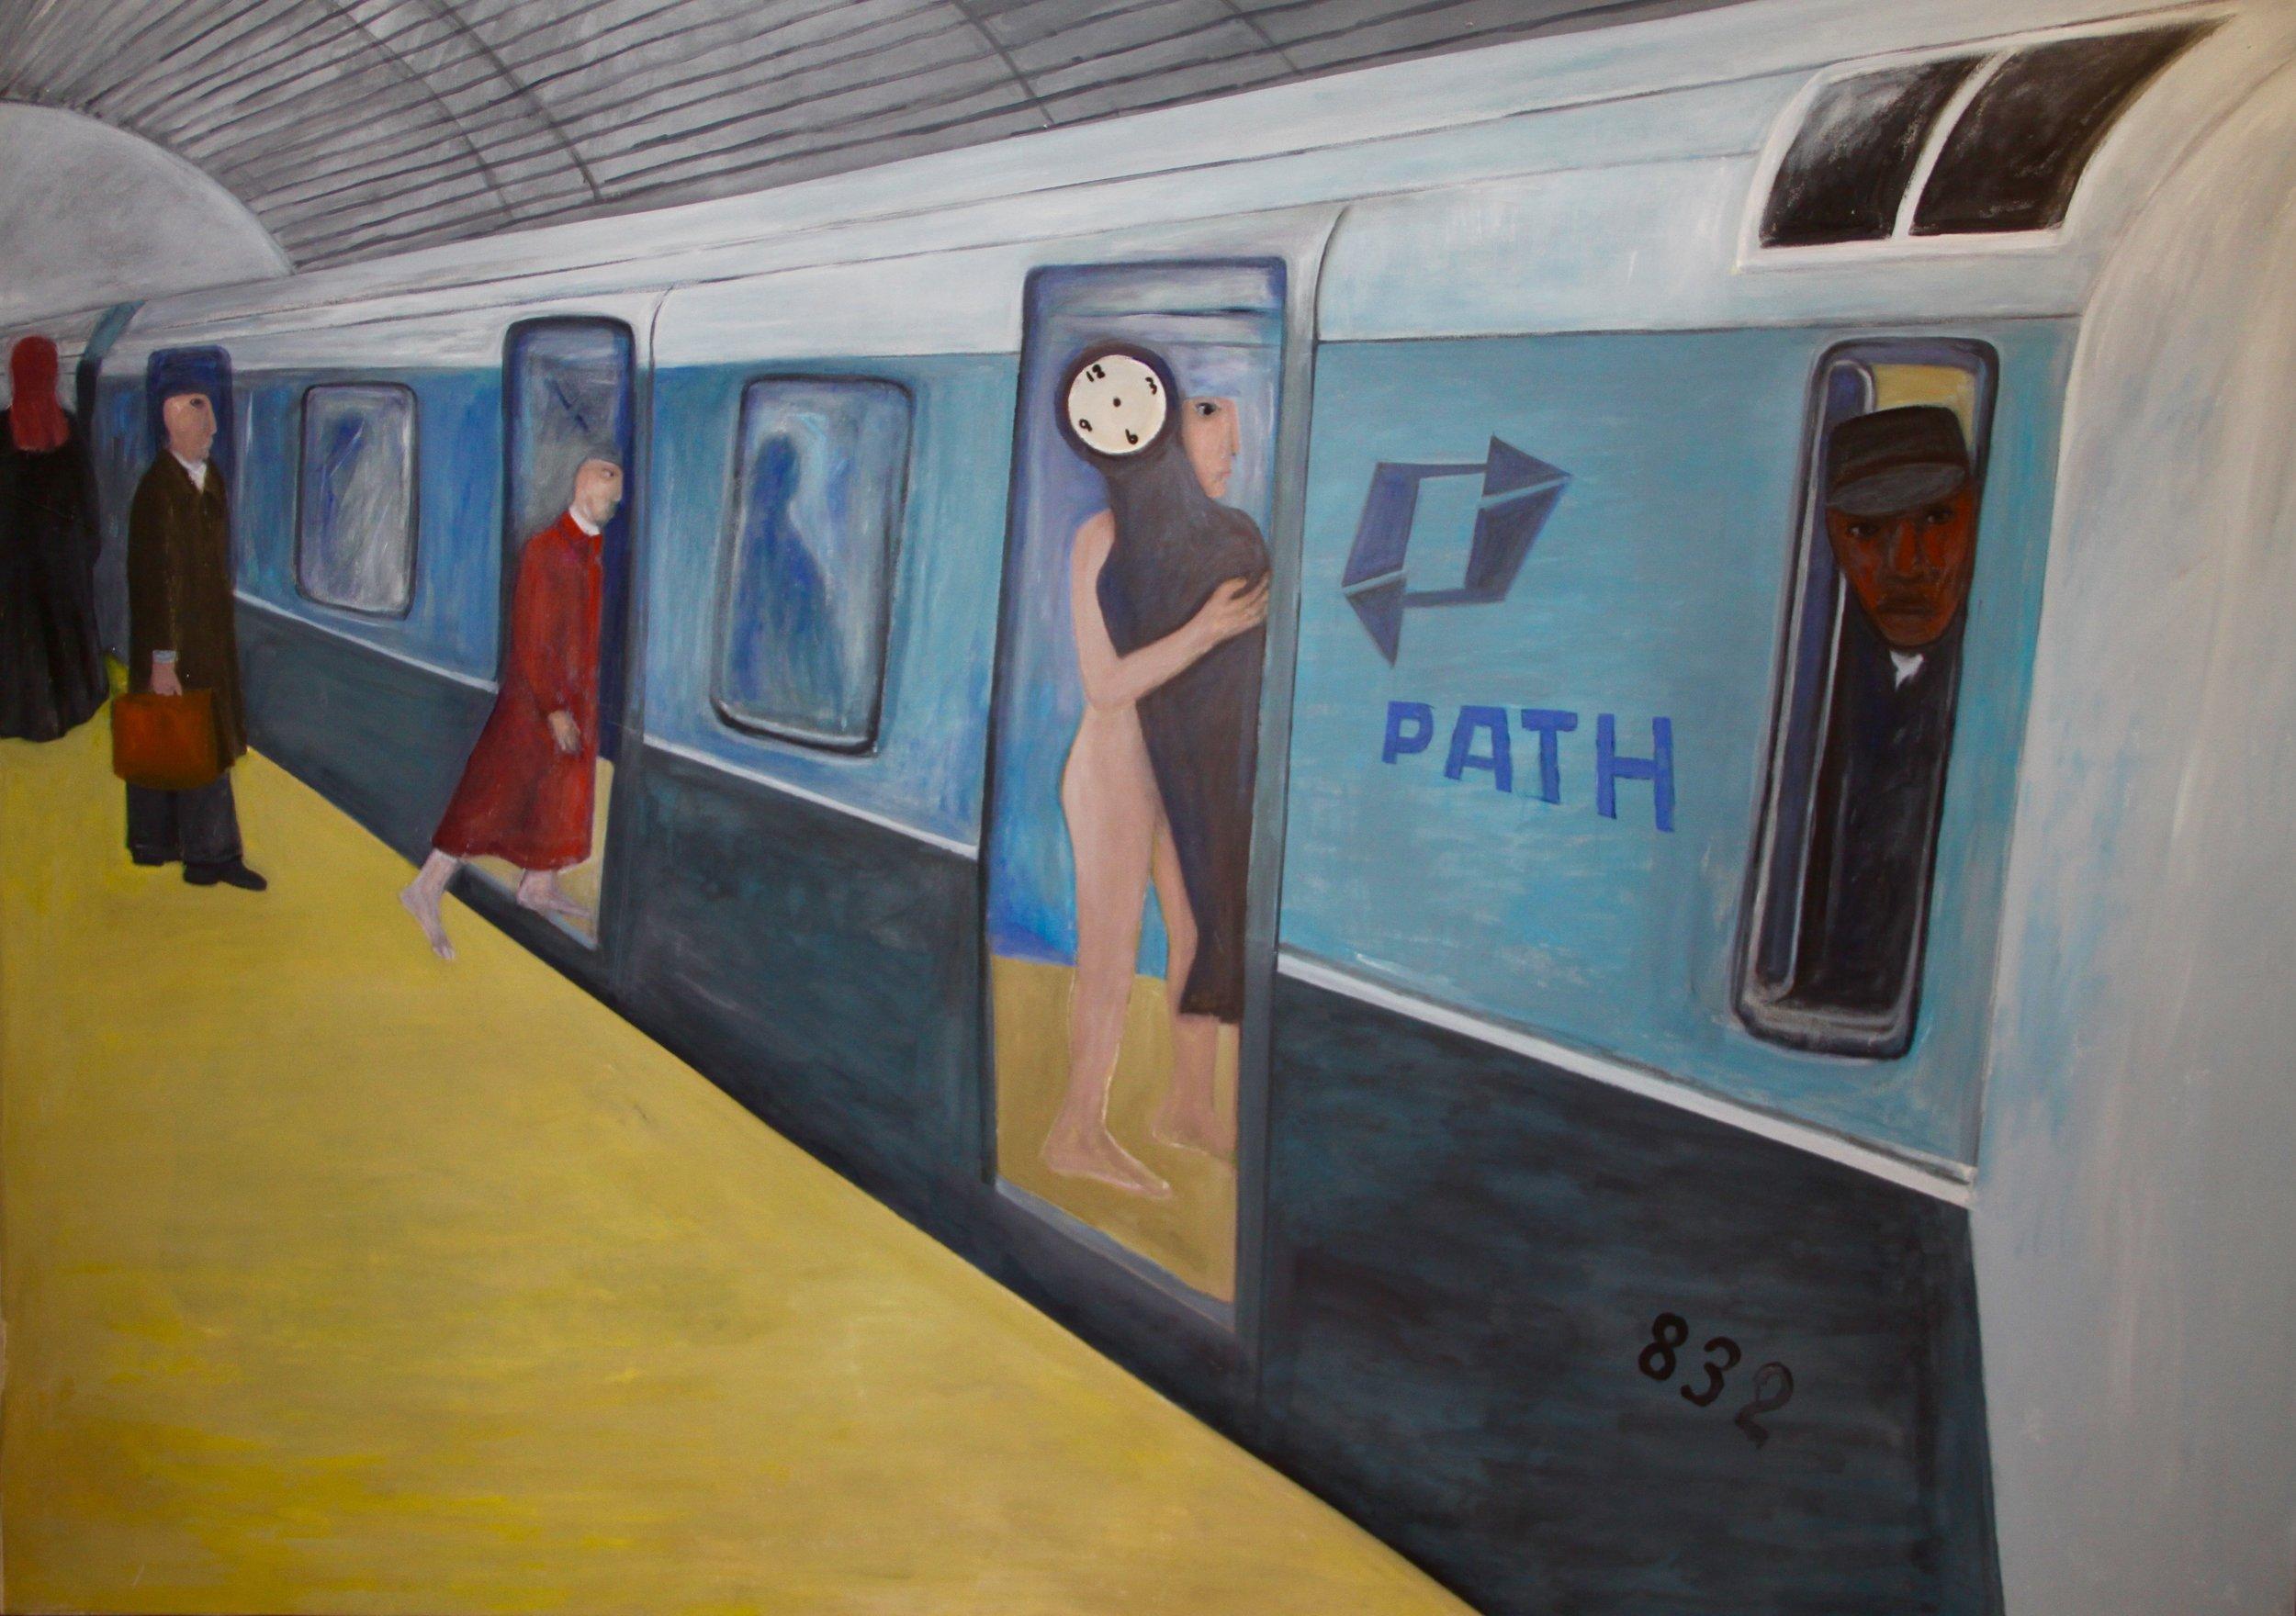 Ahmed_Morsi_The_Subway_Station_2001 copy.jpg